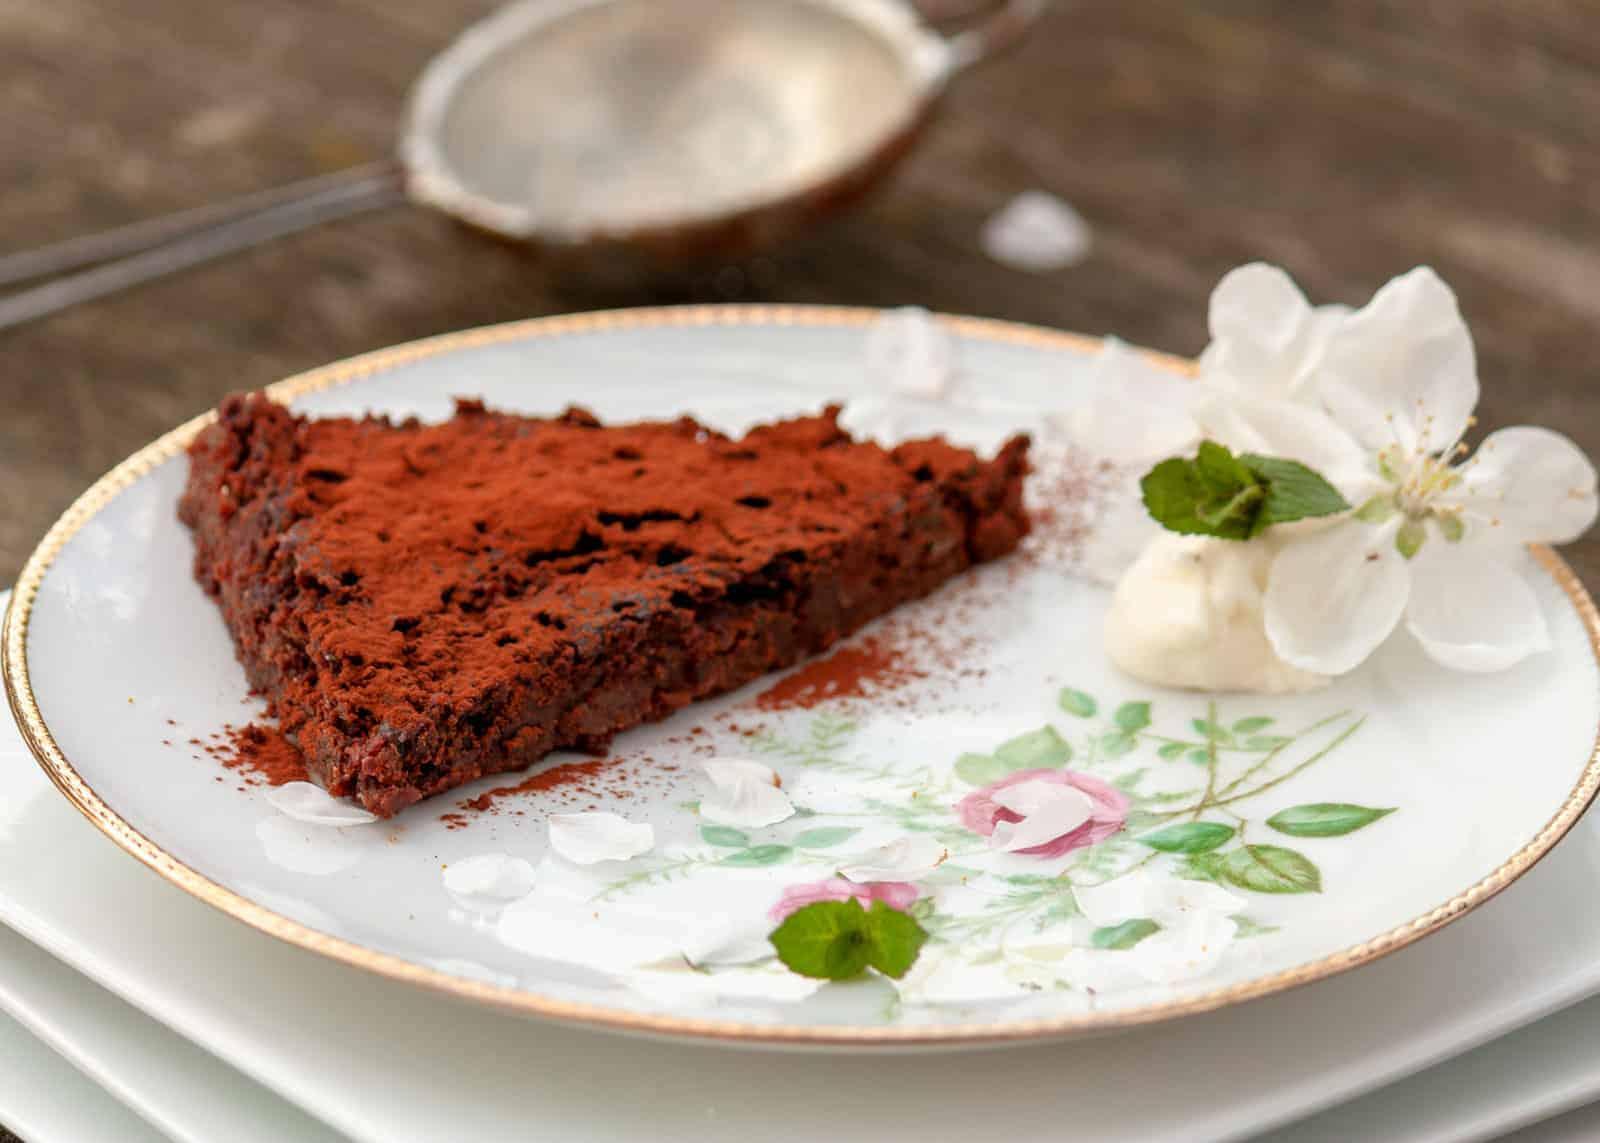 A dream of dark chocolate- recipe